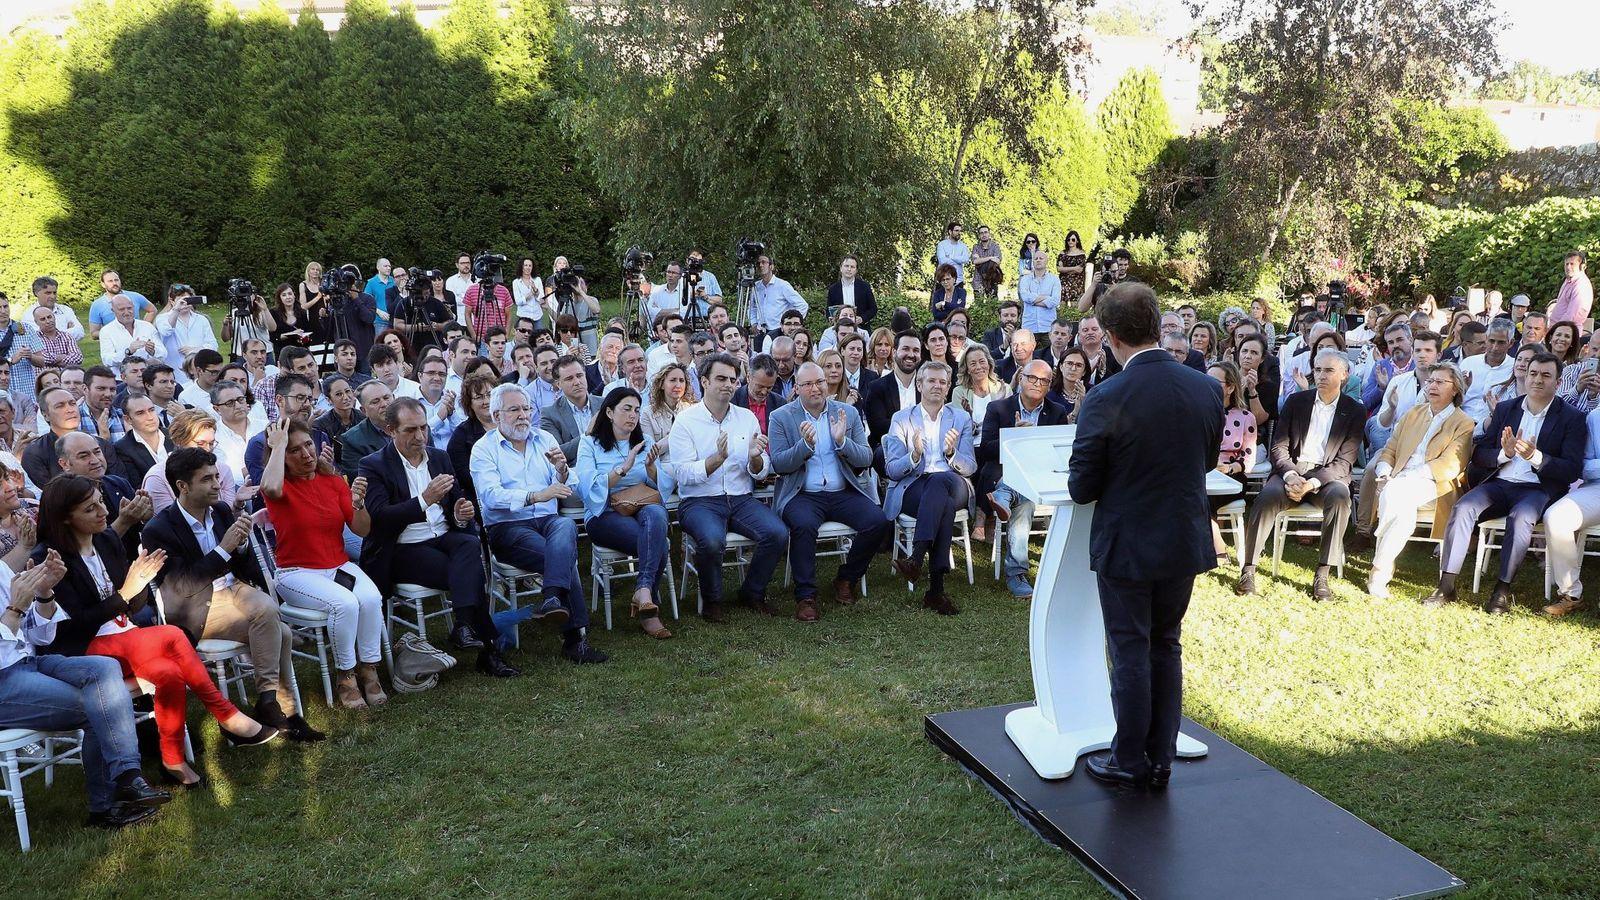 Foto: Feijóo durante su comparecencia en la que anunció su renuncia a la carrera por la sucesión de Rajoy. (EFE)